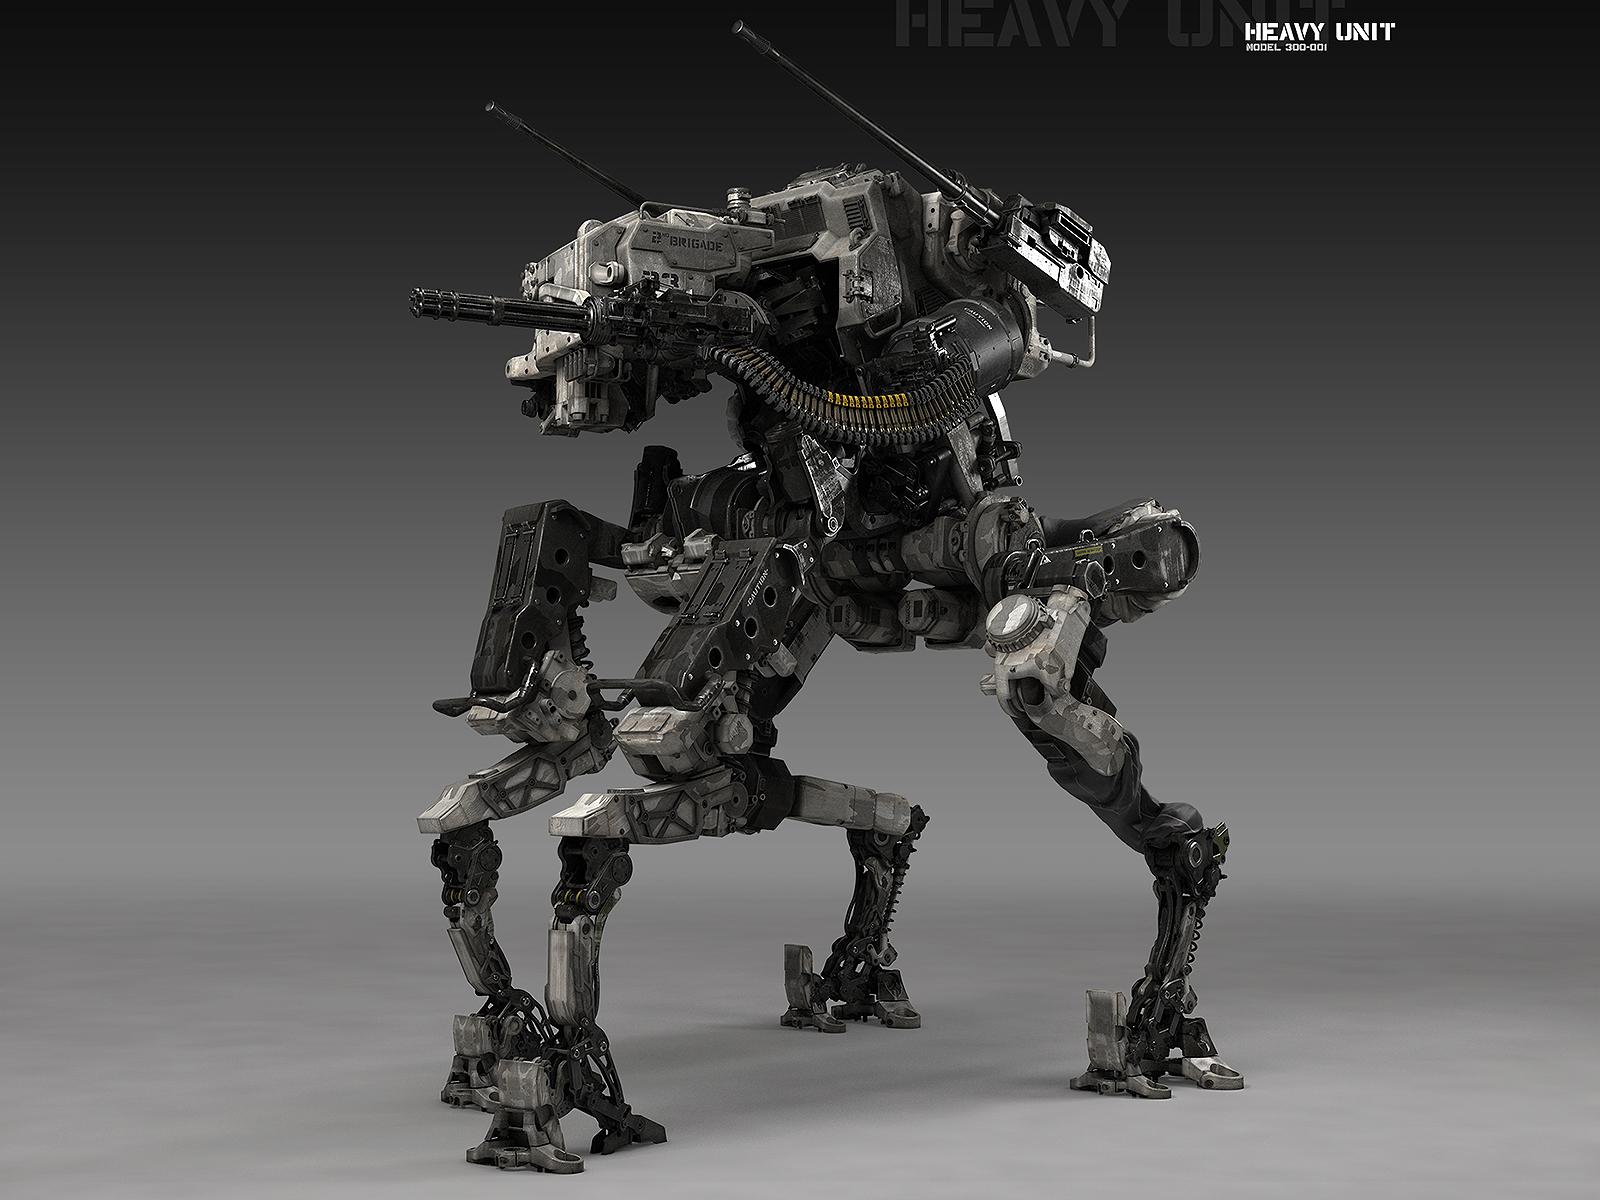 HeavyUnit_Hires_02_NoText.jpg